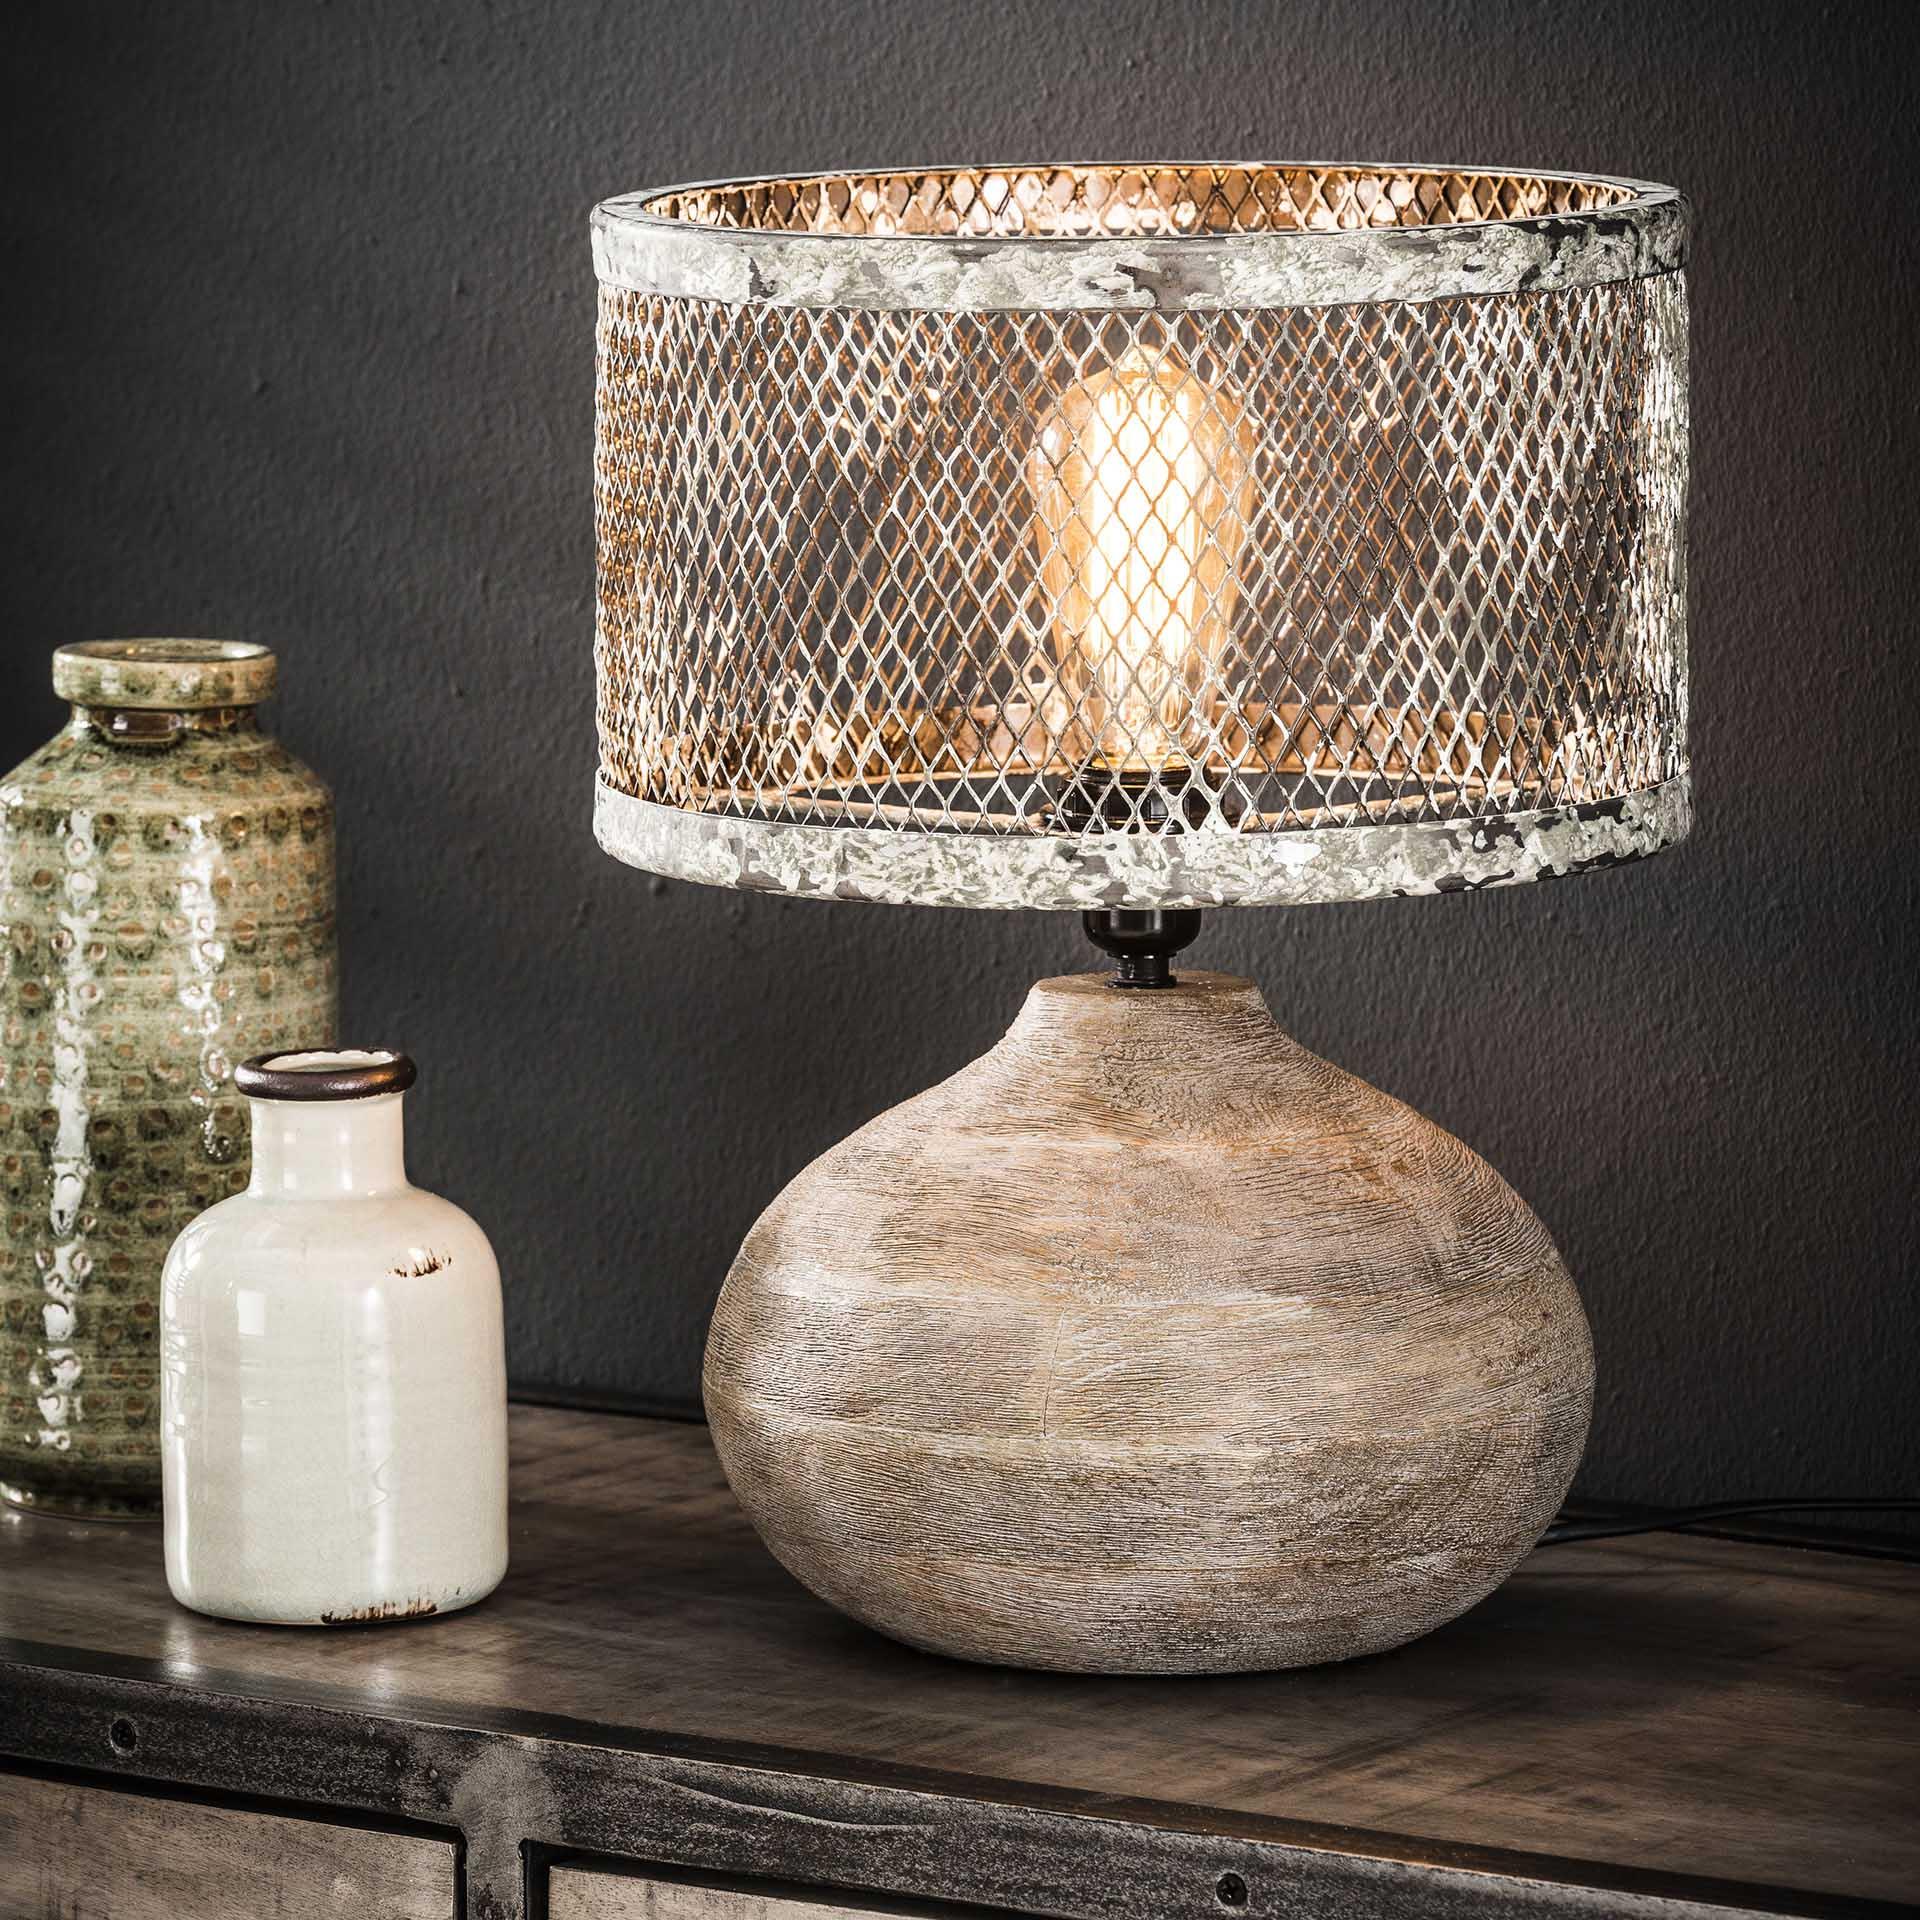 Tafellamp massief houten bolle voet / Verweerd koper